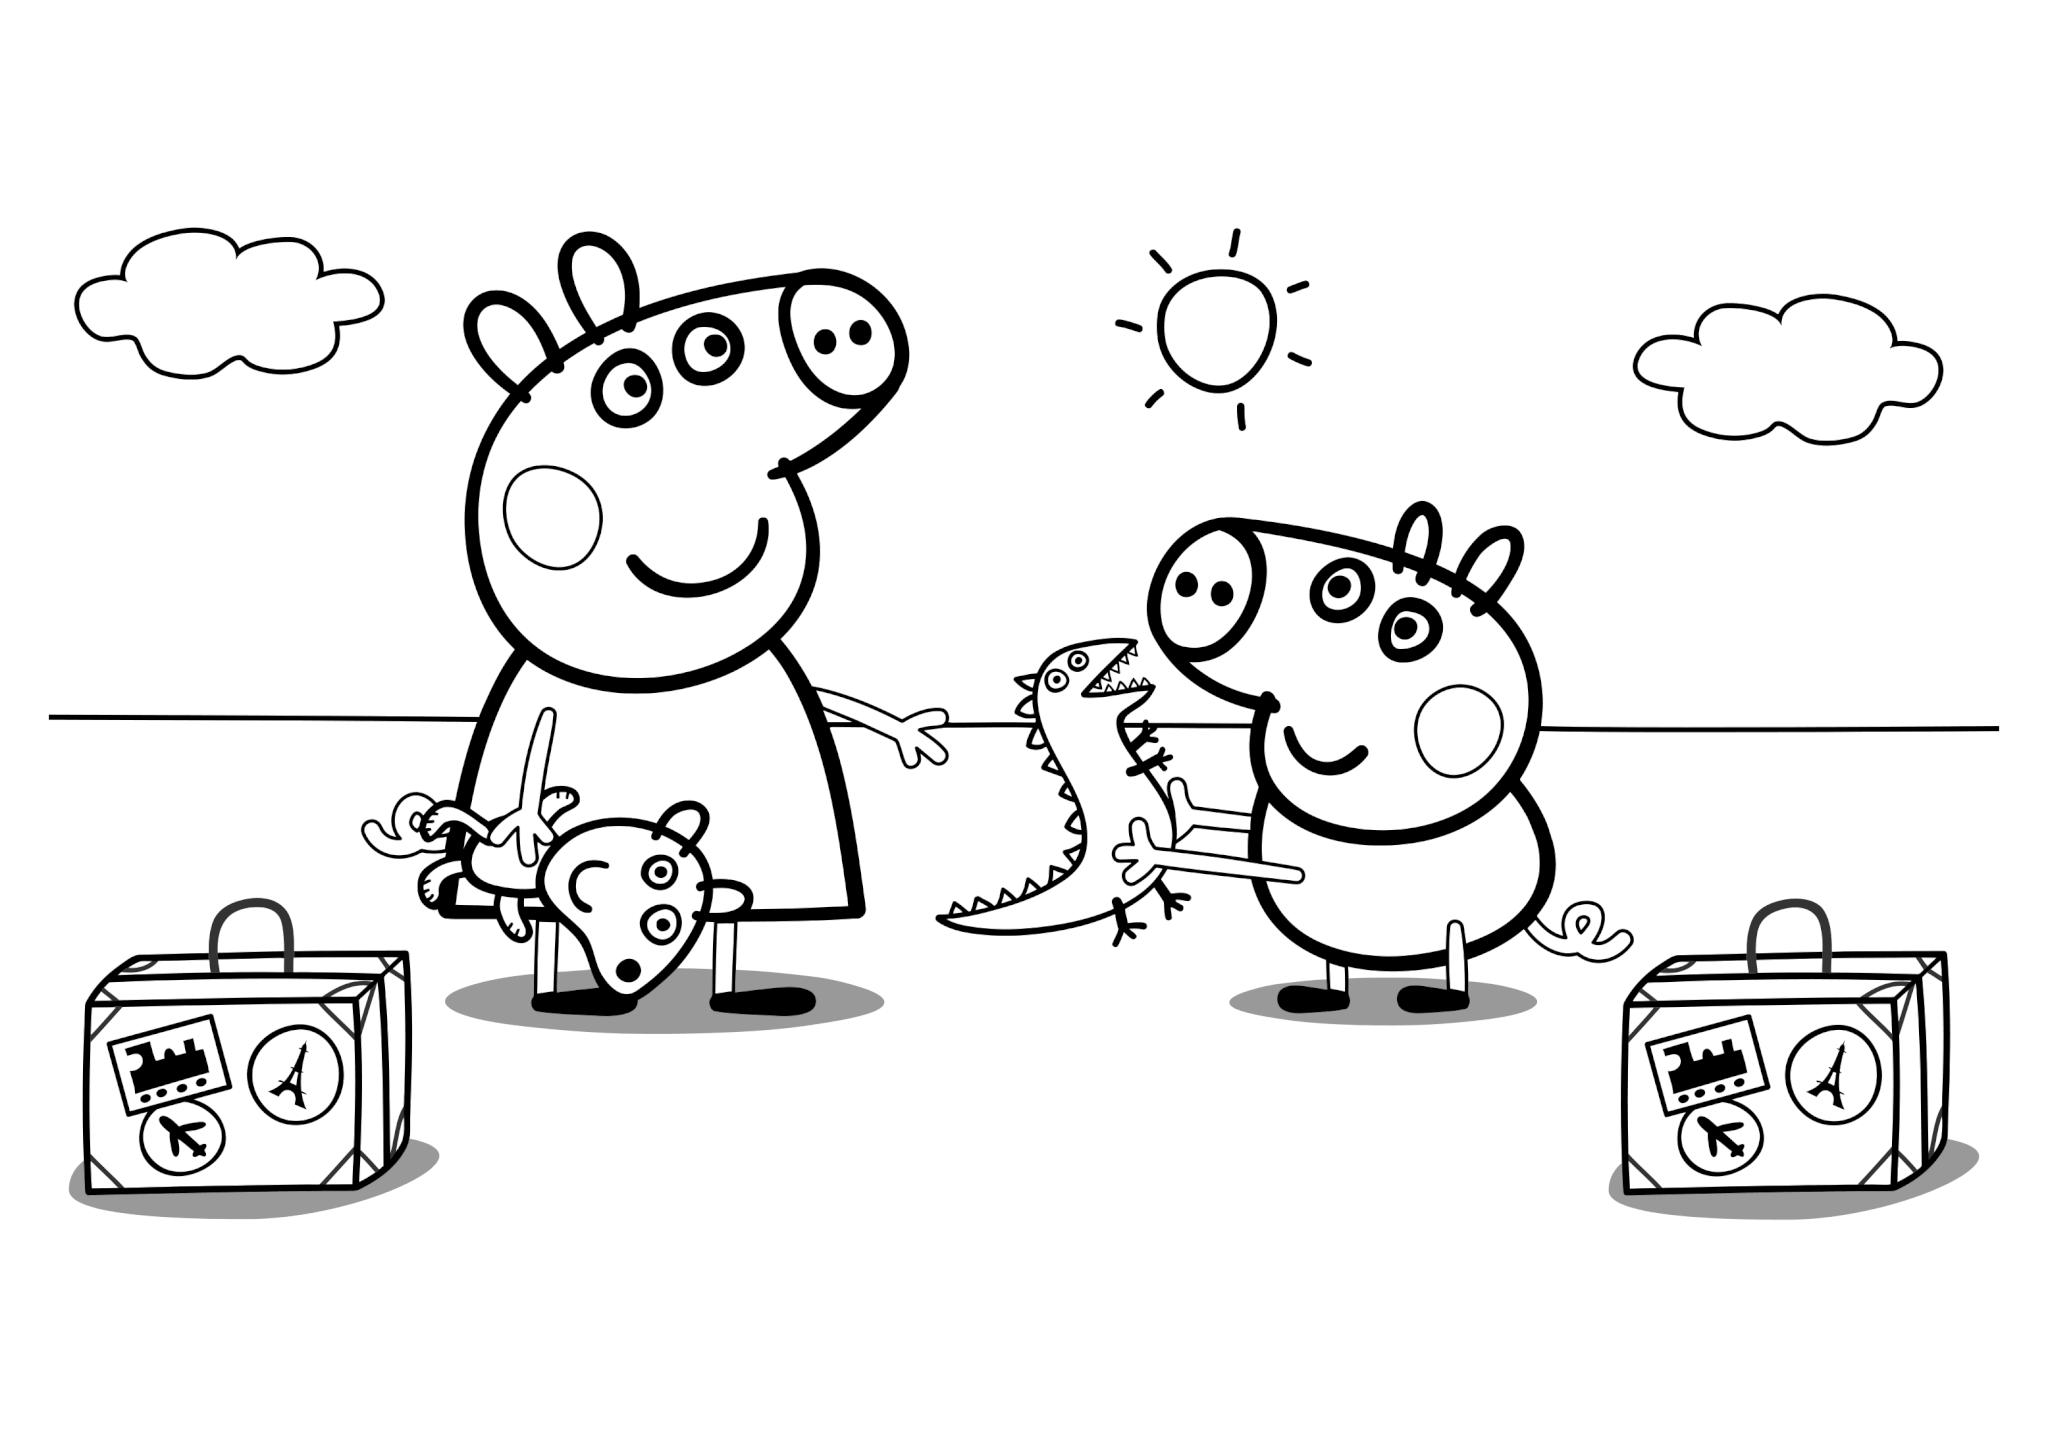 Раскраска «Свинка Пеппа и Джордж c чемоданами»